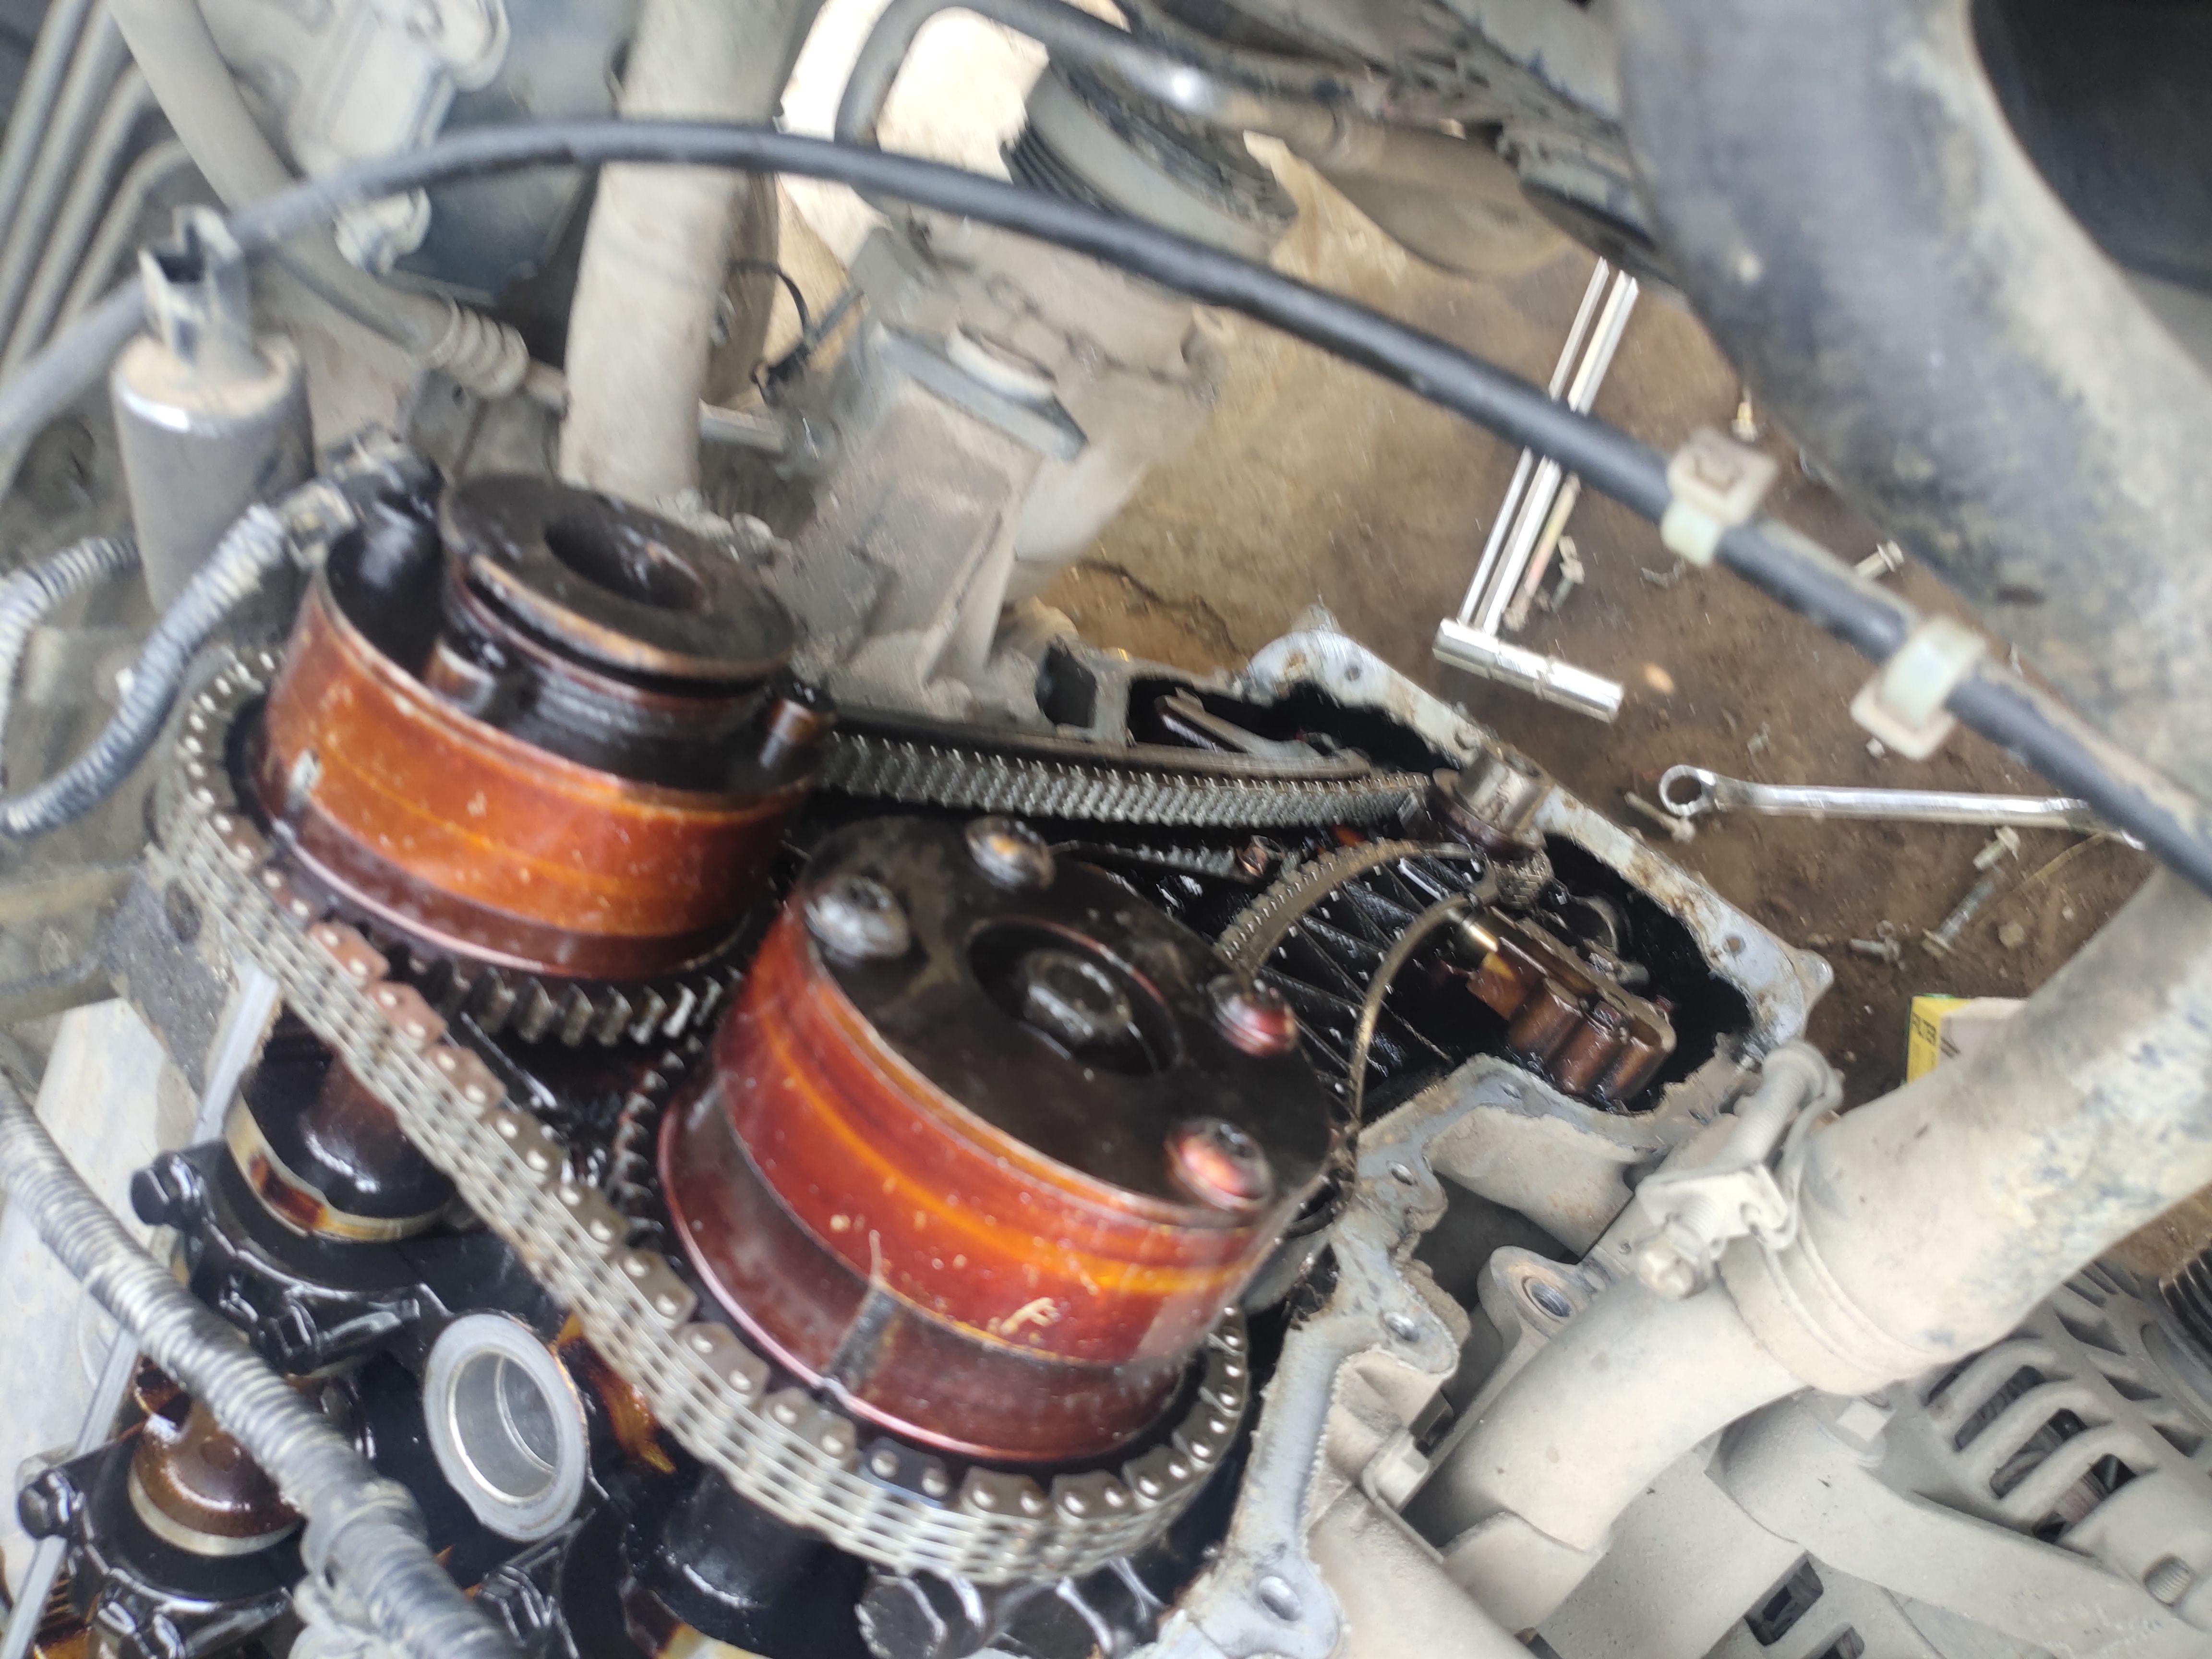 东风小康-东风风光 服务站恶意套路装错正时链条,但是打火延时,油耗高,发动机抖动等发动机内部问题